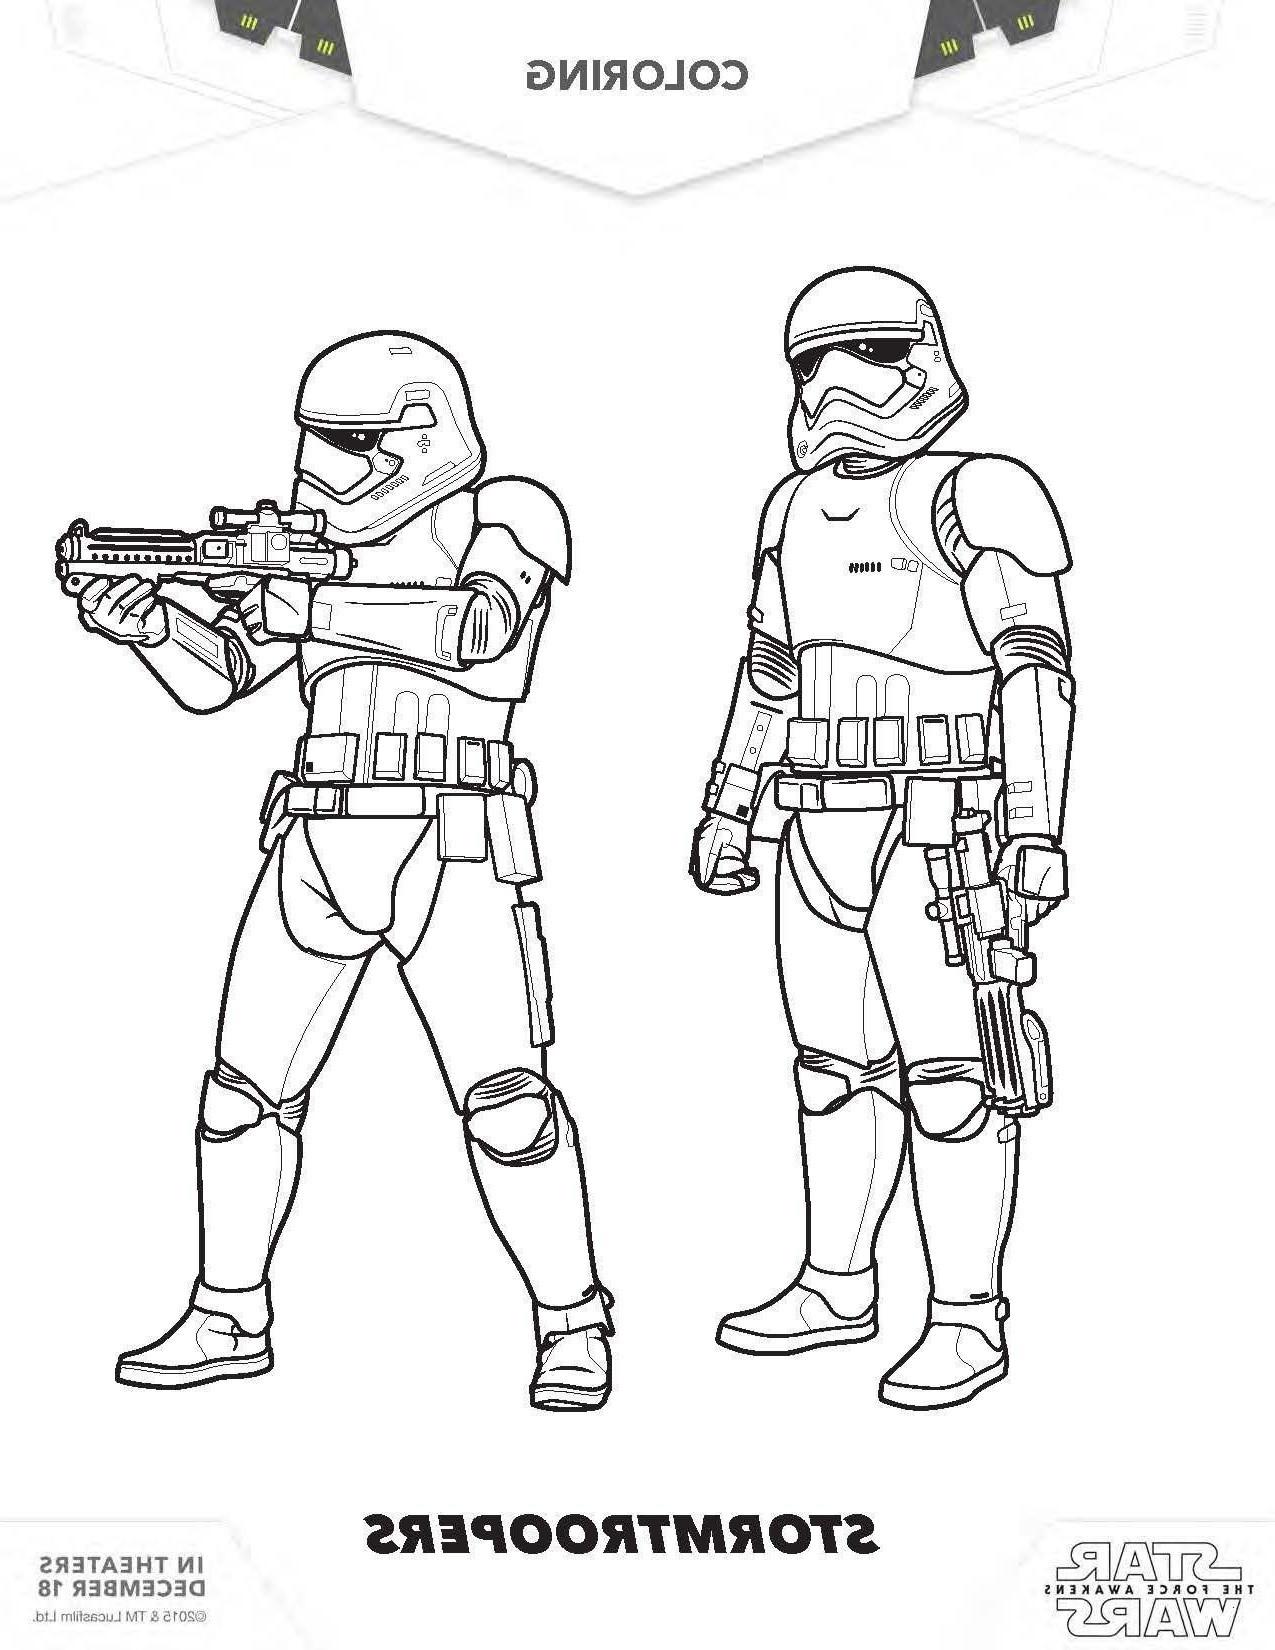 Lego Star Wars Malvorlagen Frisch 30 Einzigartig Ausmalbilder Lego Star Wars – Malvorlagen Ideen Stock